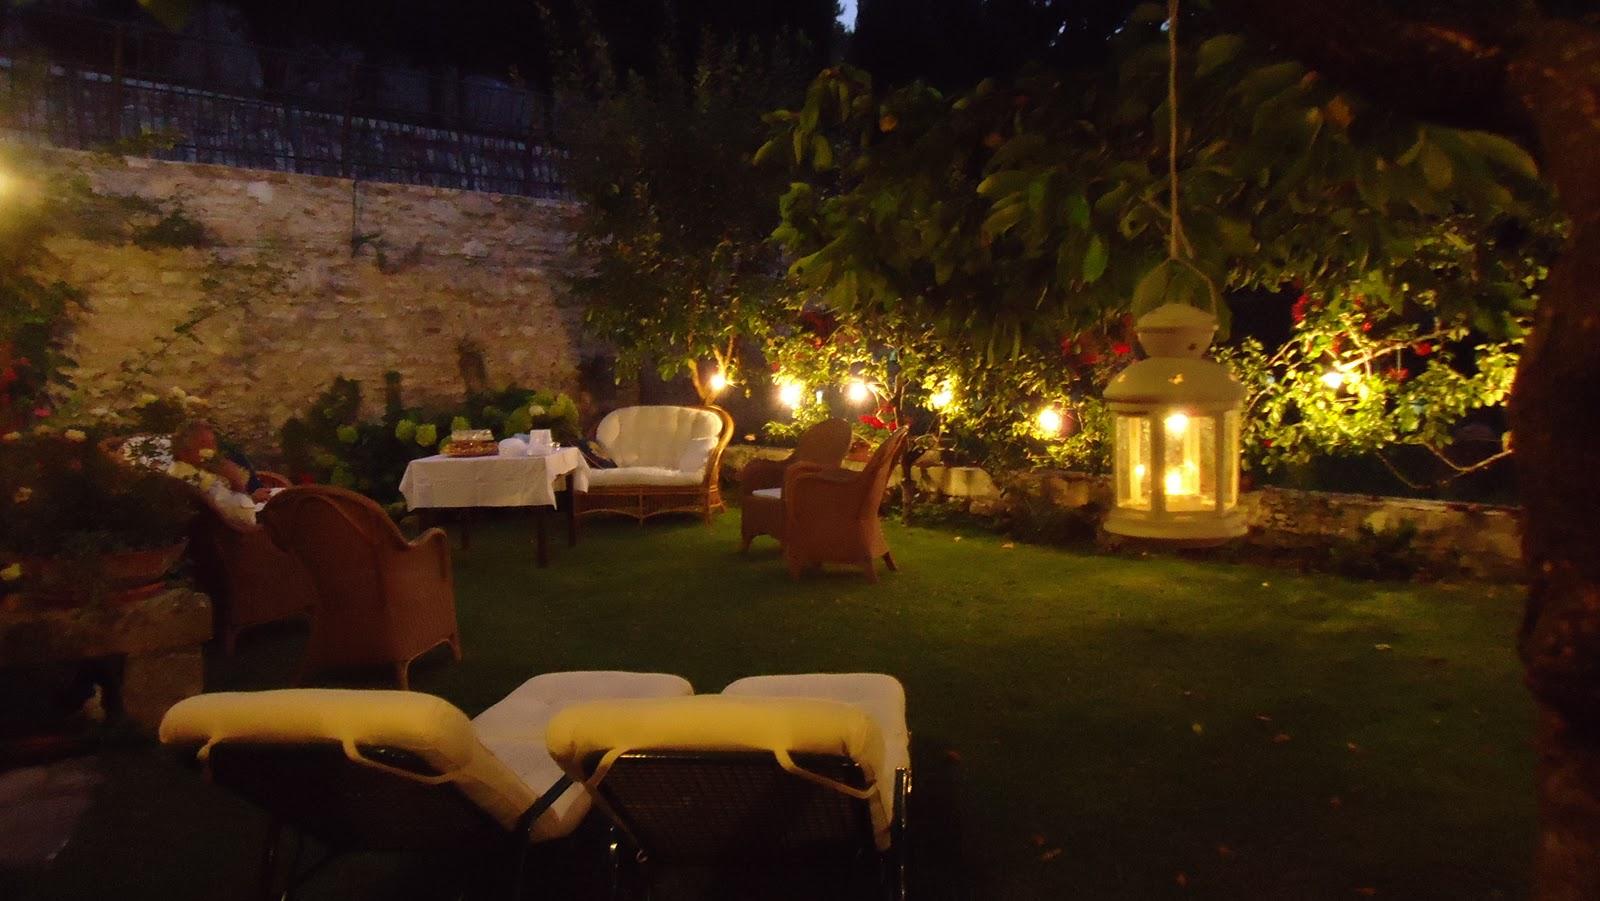 Talismano della felicit il giardino di casa mia - Casa con giardino pisa ...